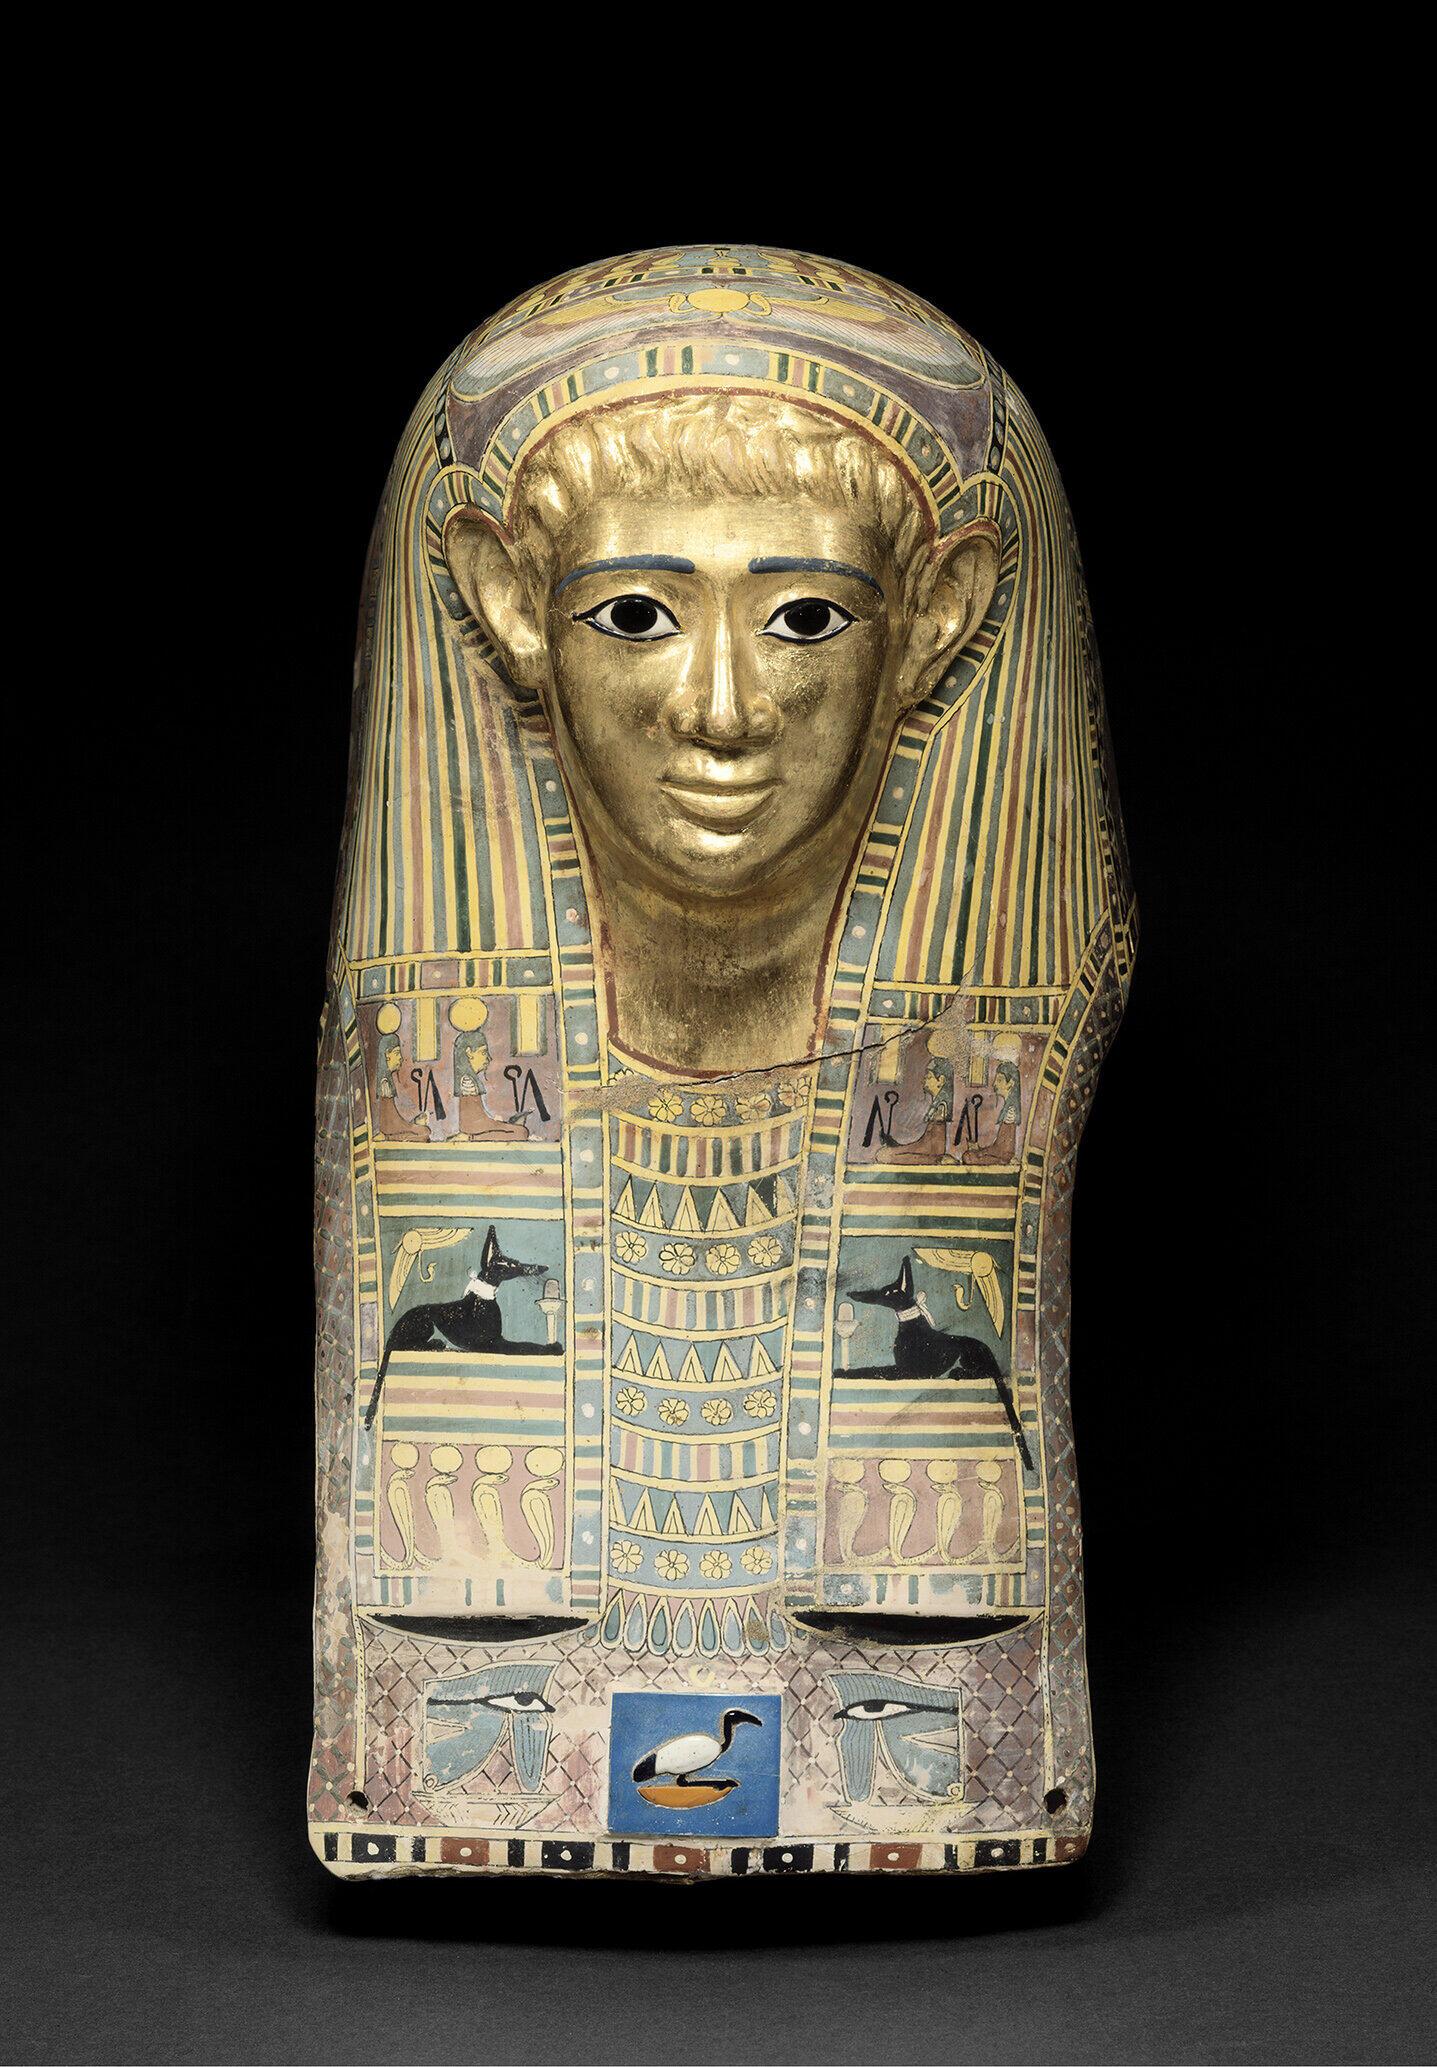 本格的な「古代エジプト展」、東京で21日から ベルリン国立博物館の約130点公開